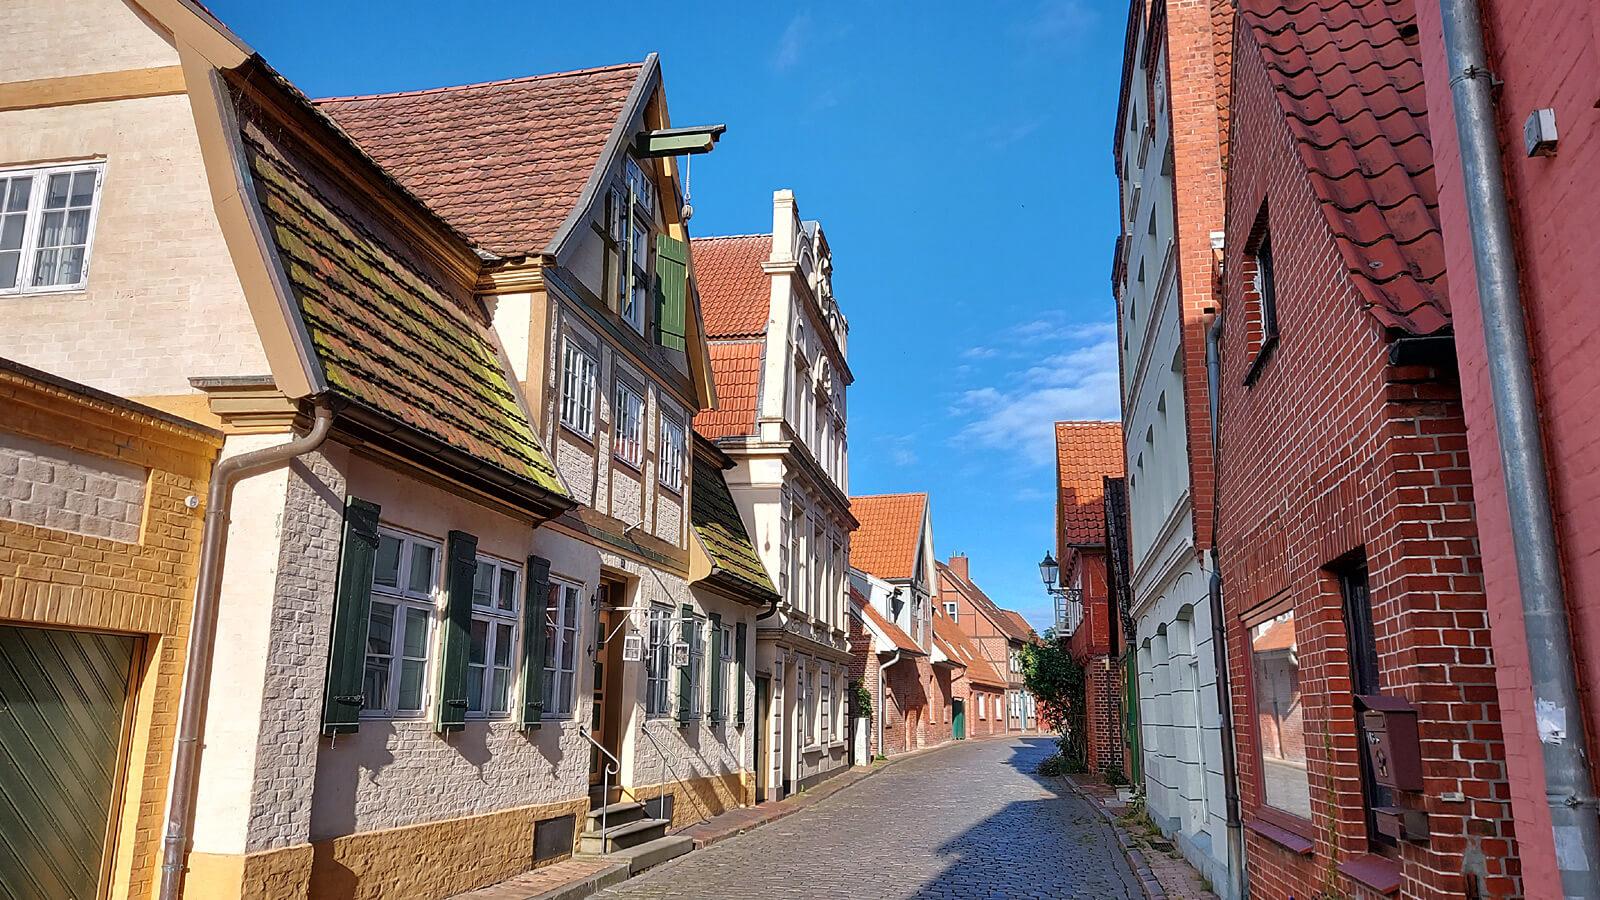 Blick in die Elbstraße in der Altstadt von Lauenburg